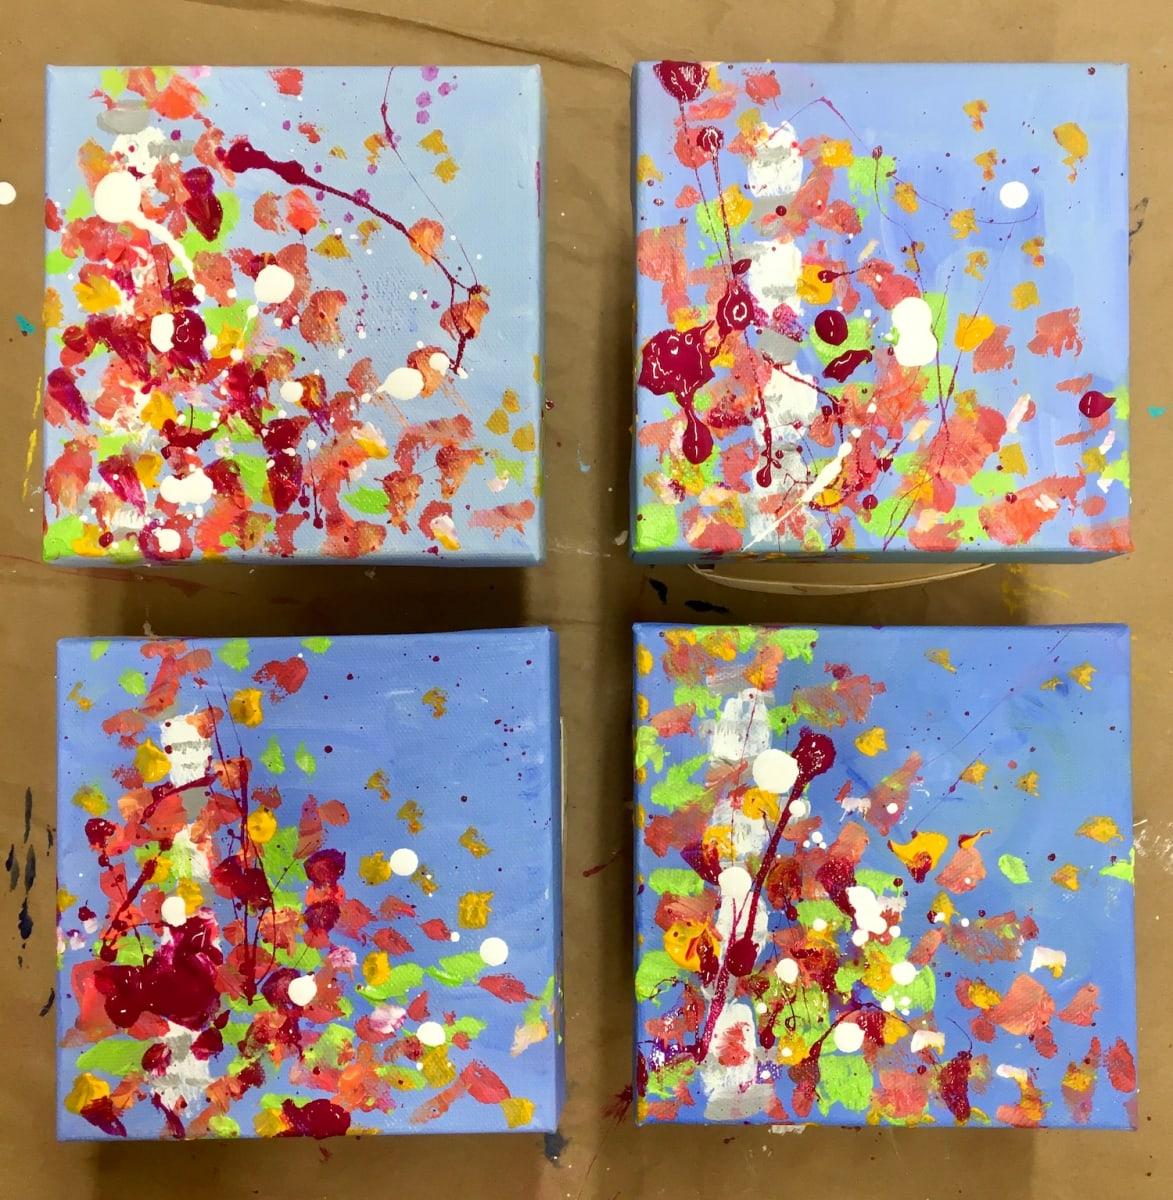 Fall Confetti no.4 by Julea Boswell